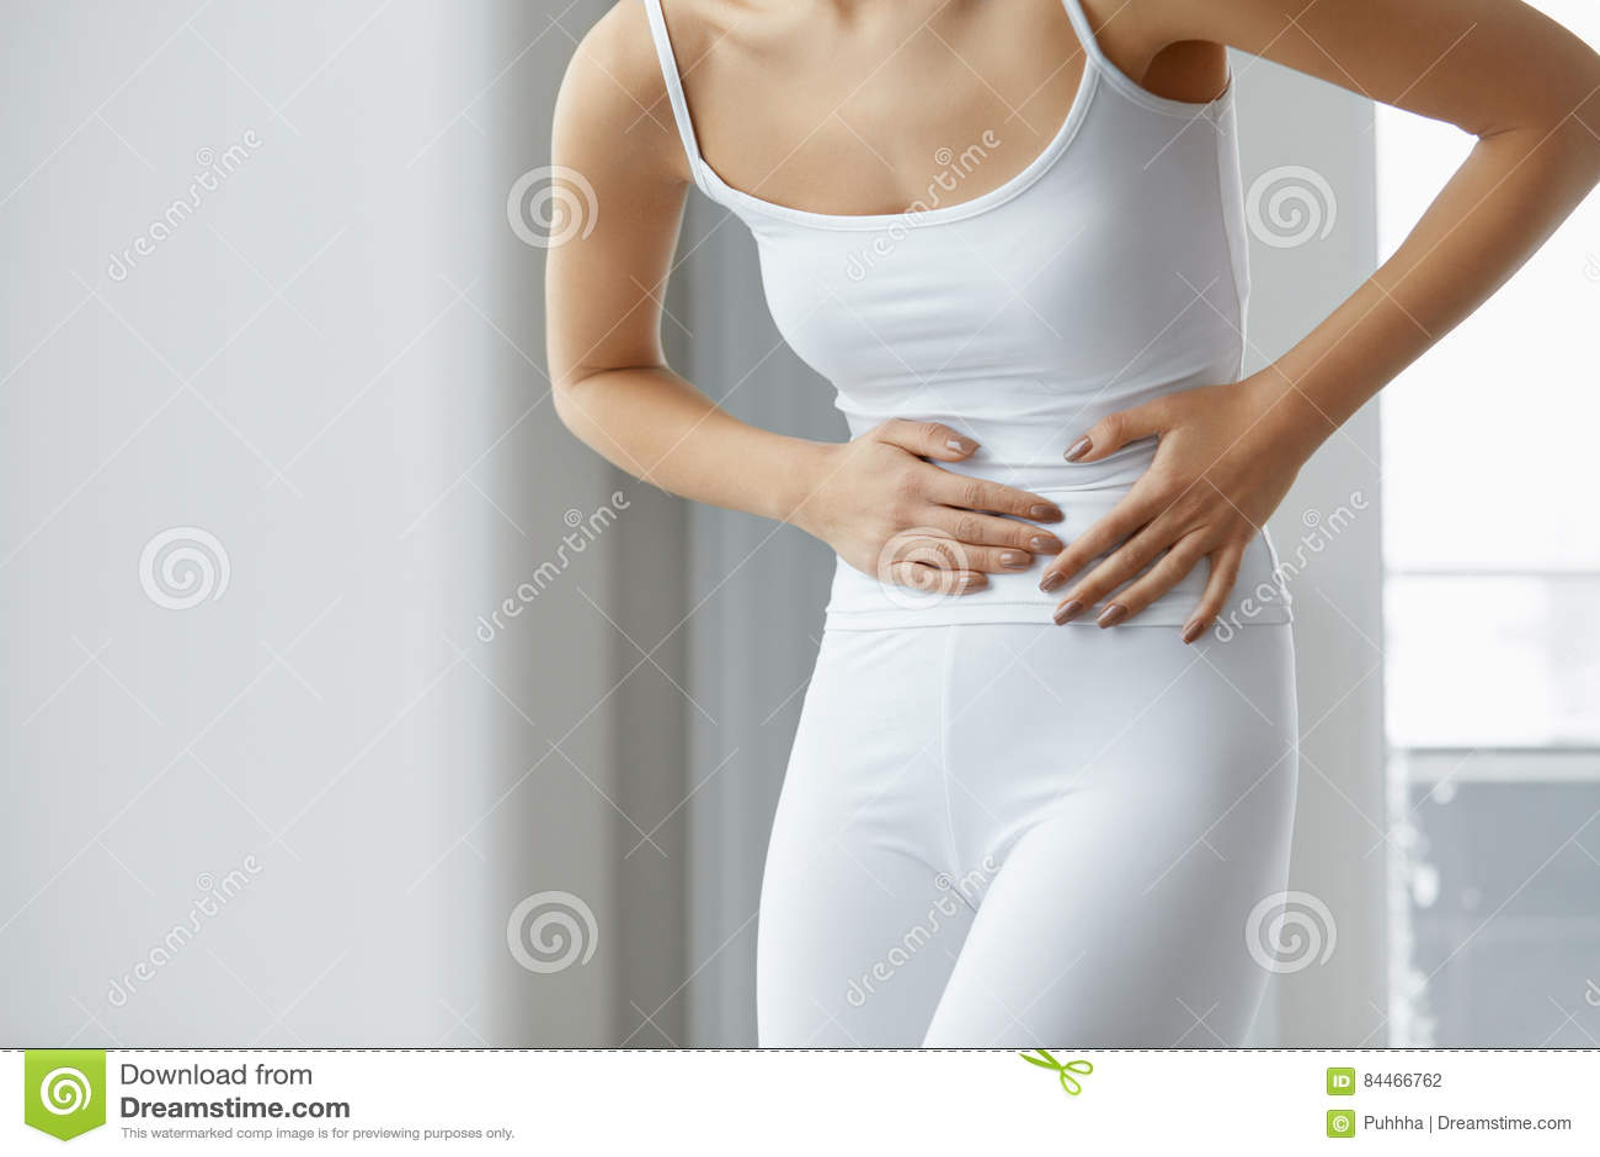 Weibliche Schmerz Nahaufnahme-Schönheits-Körper-Gefühls-Magenschmerzen